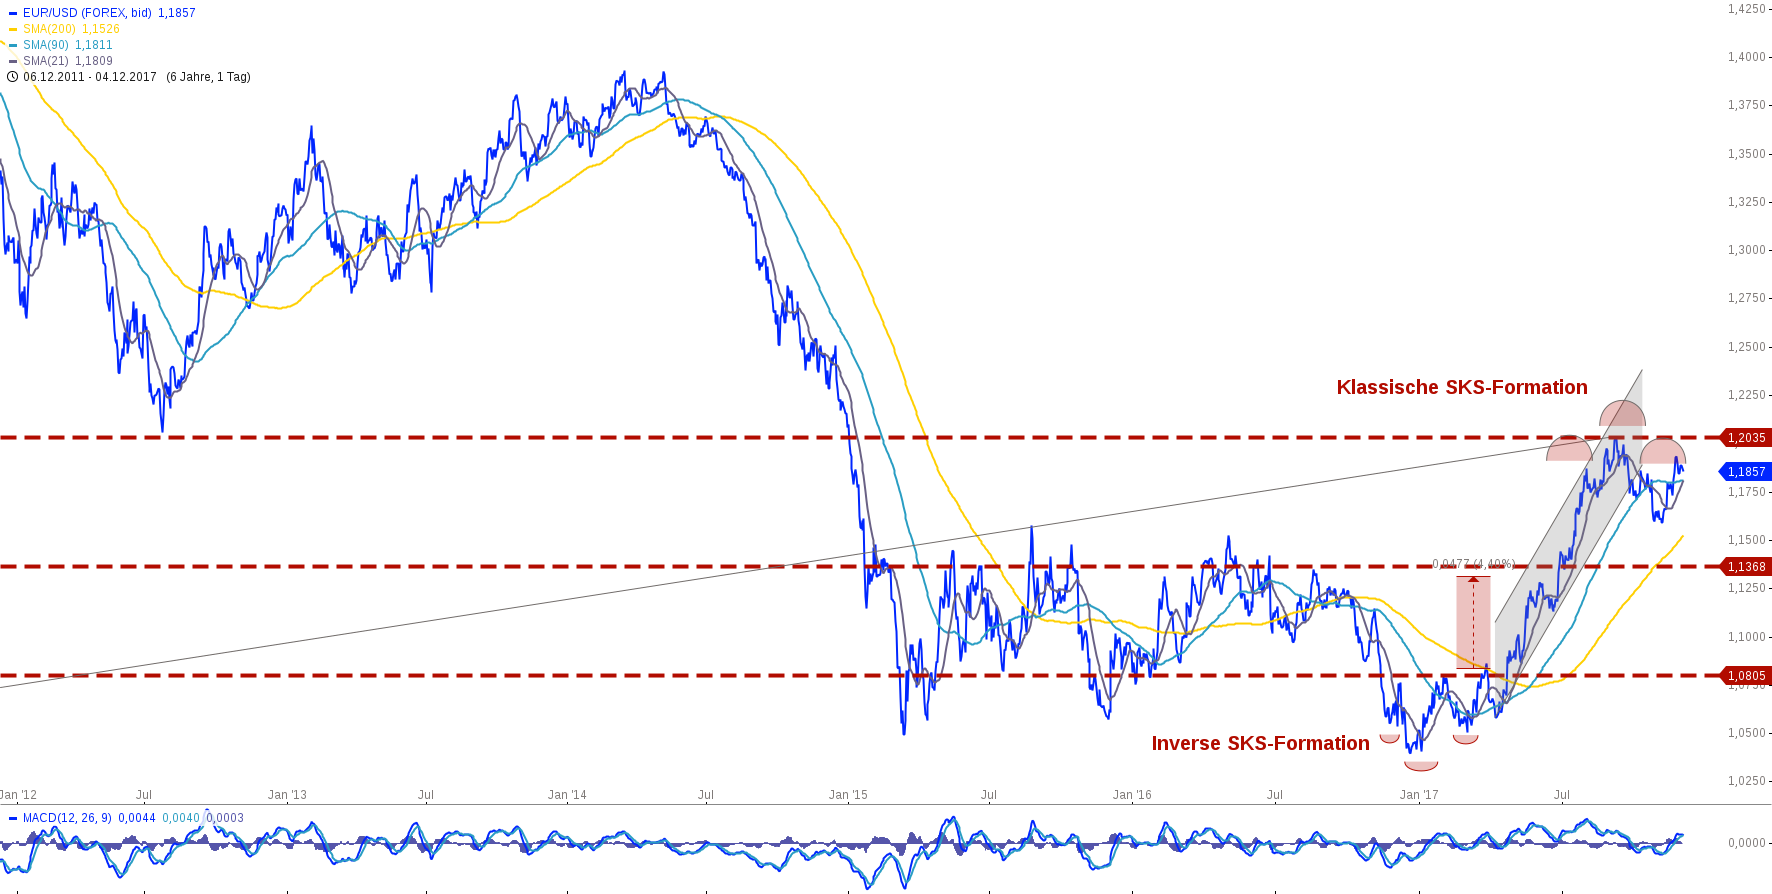 Der aktuelle Dollar/Euro Kurs | USD/EUR - Währunsgrechner für den Wechselkurs von Dollar in Euro.